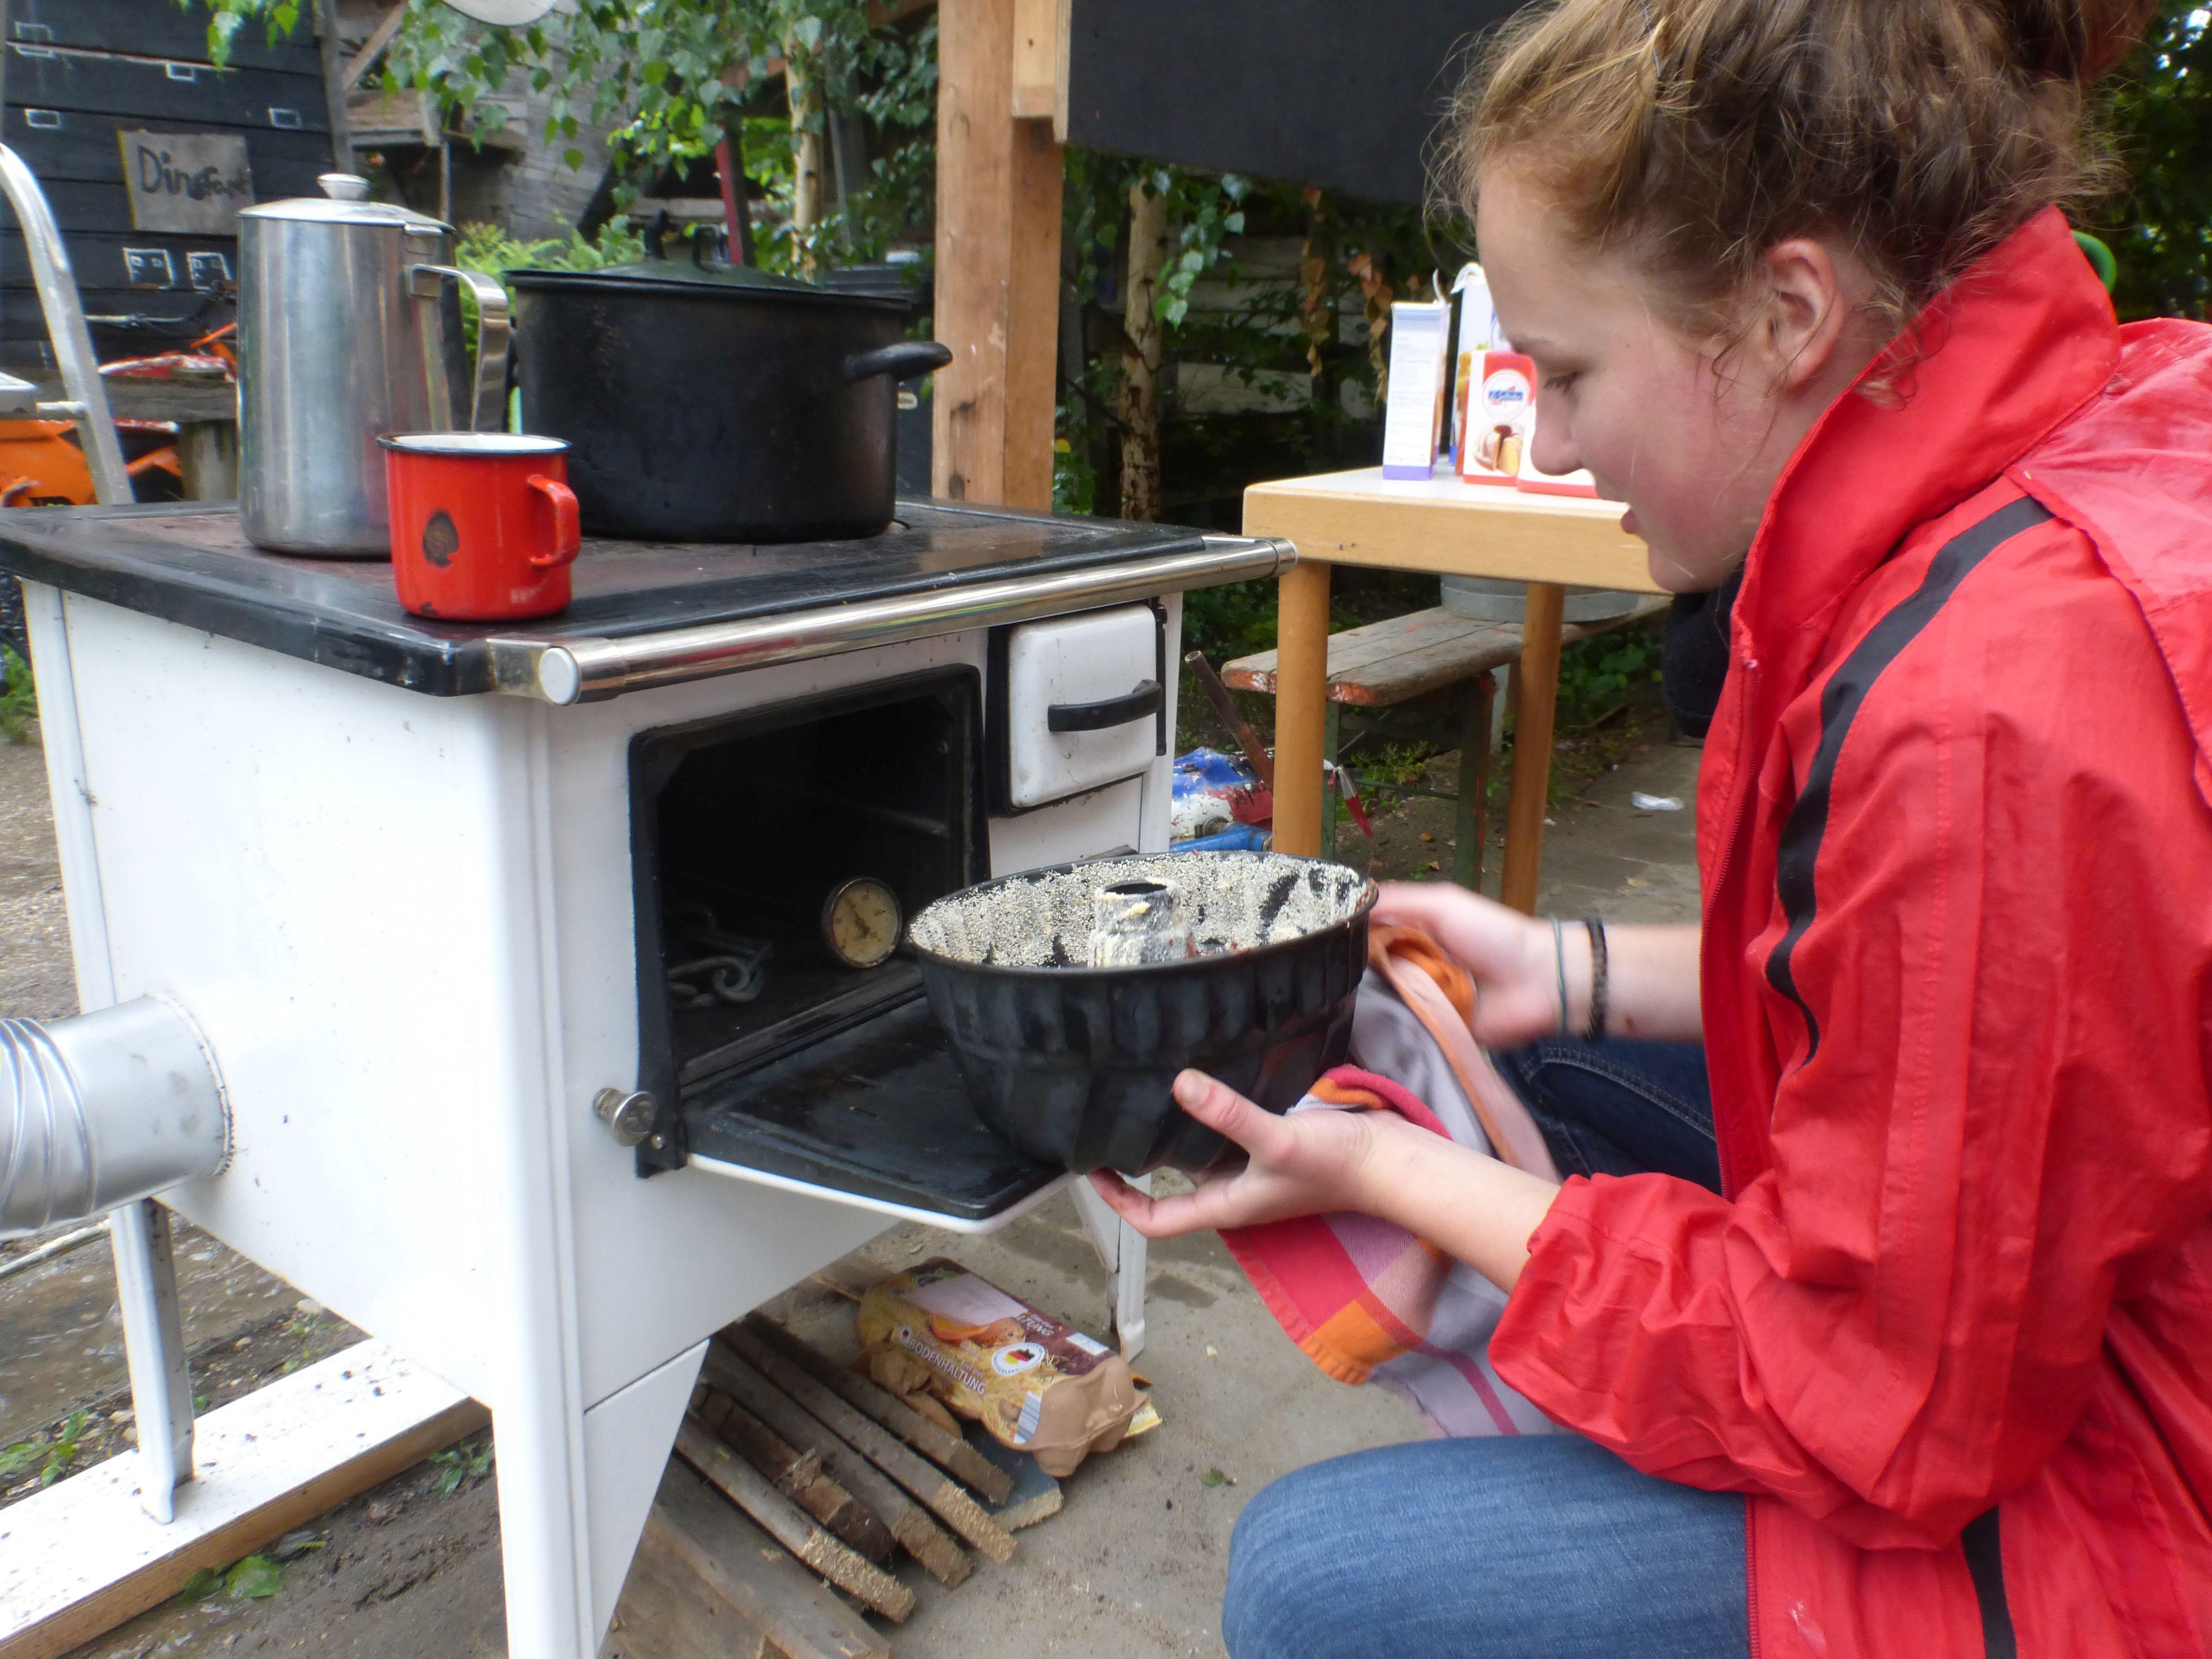 Mädchen stellt einen Kuchen in den Ofen